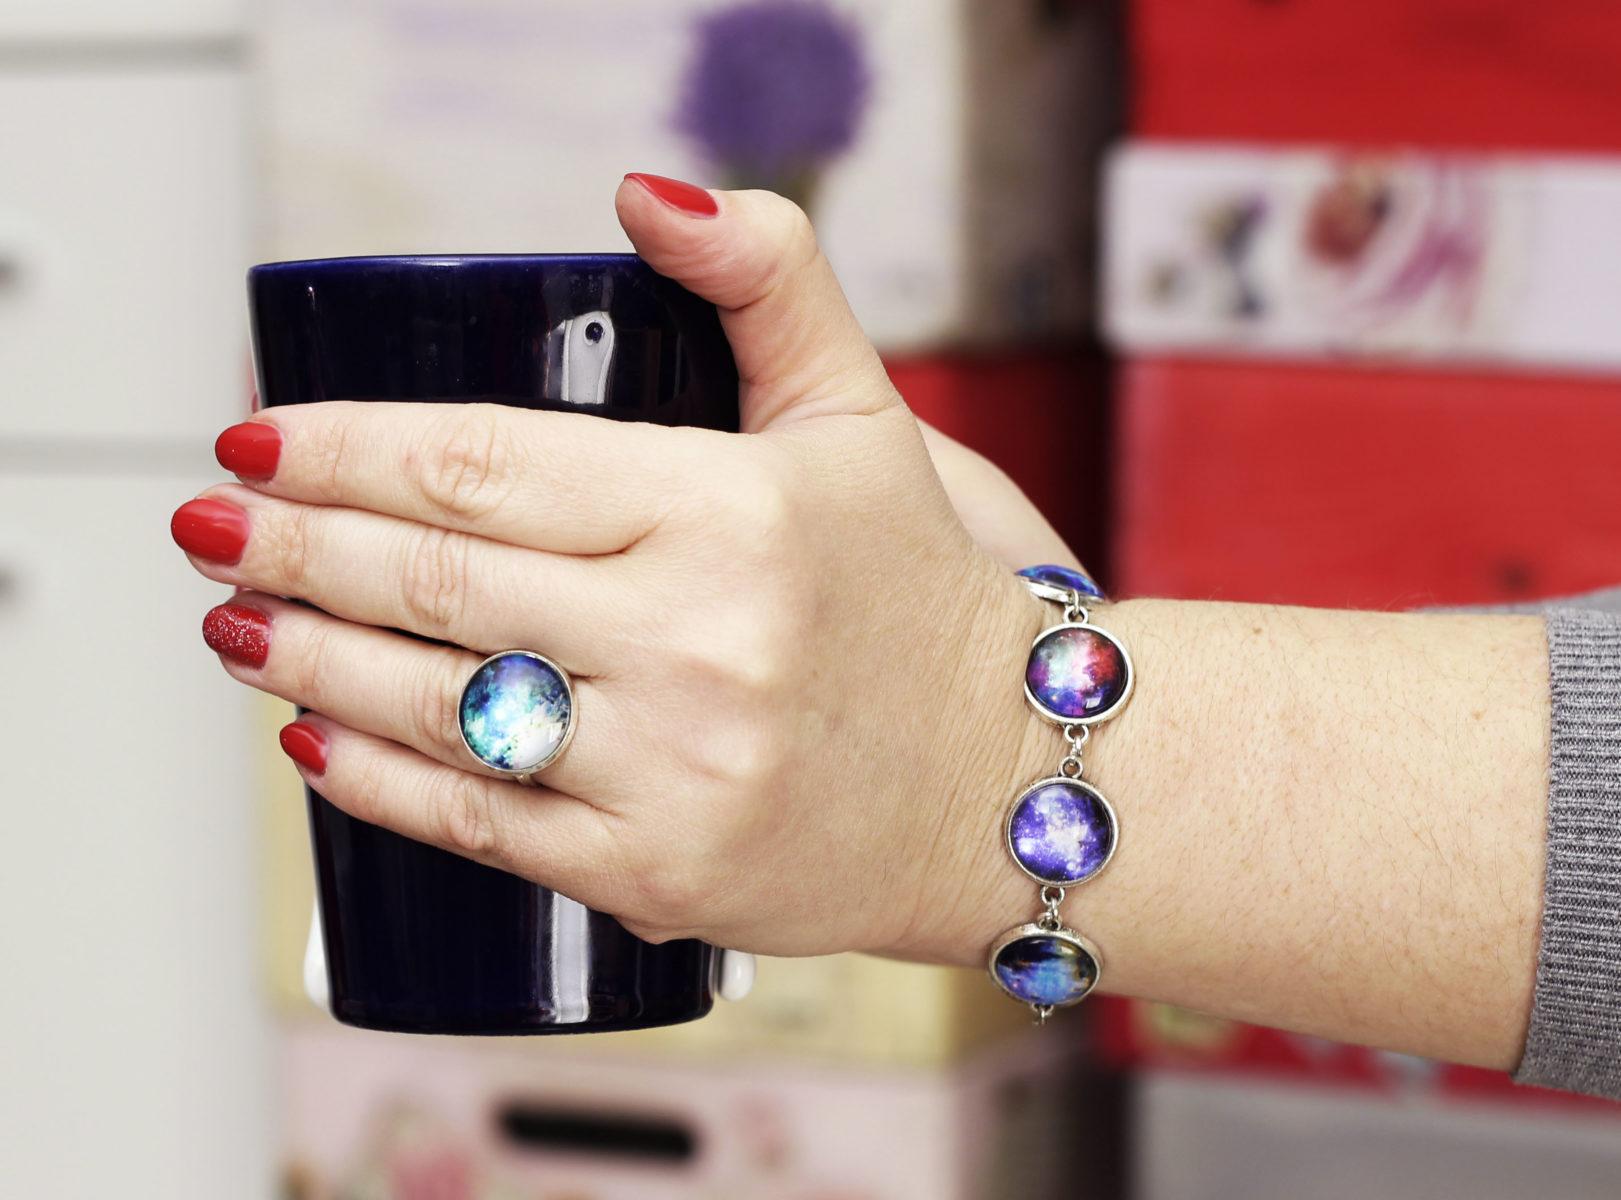 Dlaczego własnoręczne robienie biżuterii jest takie popularne?